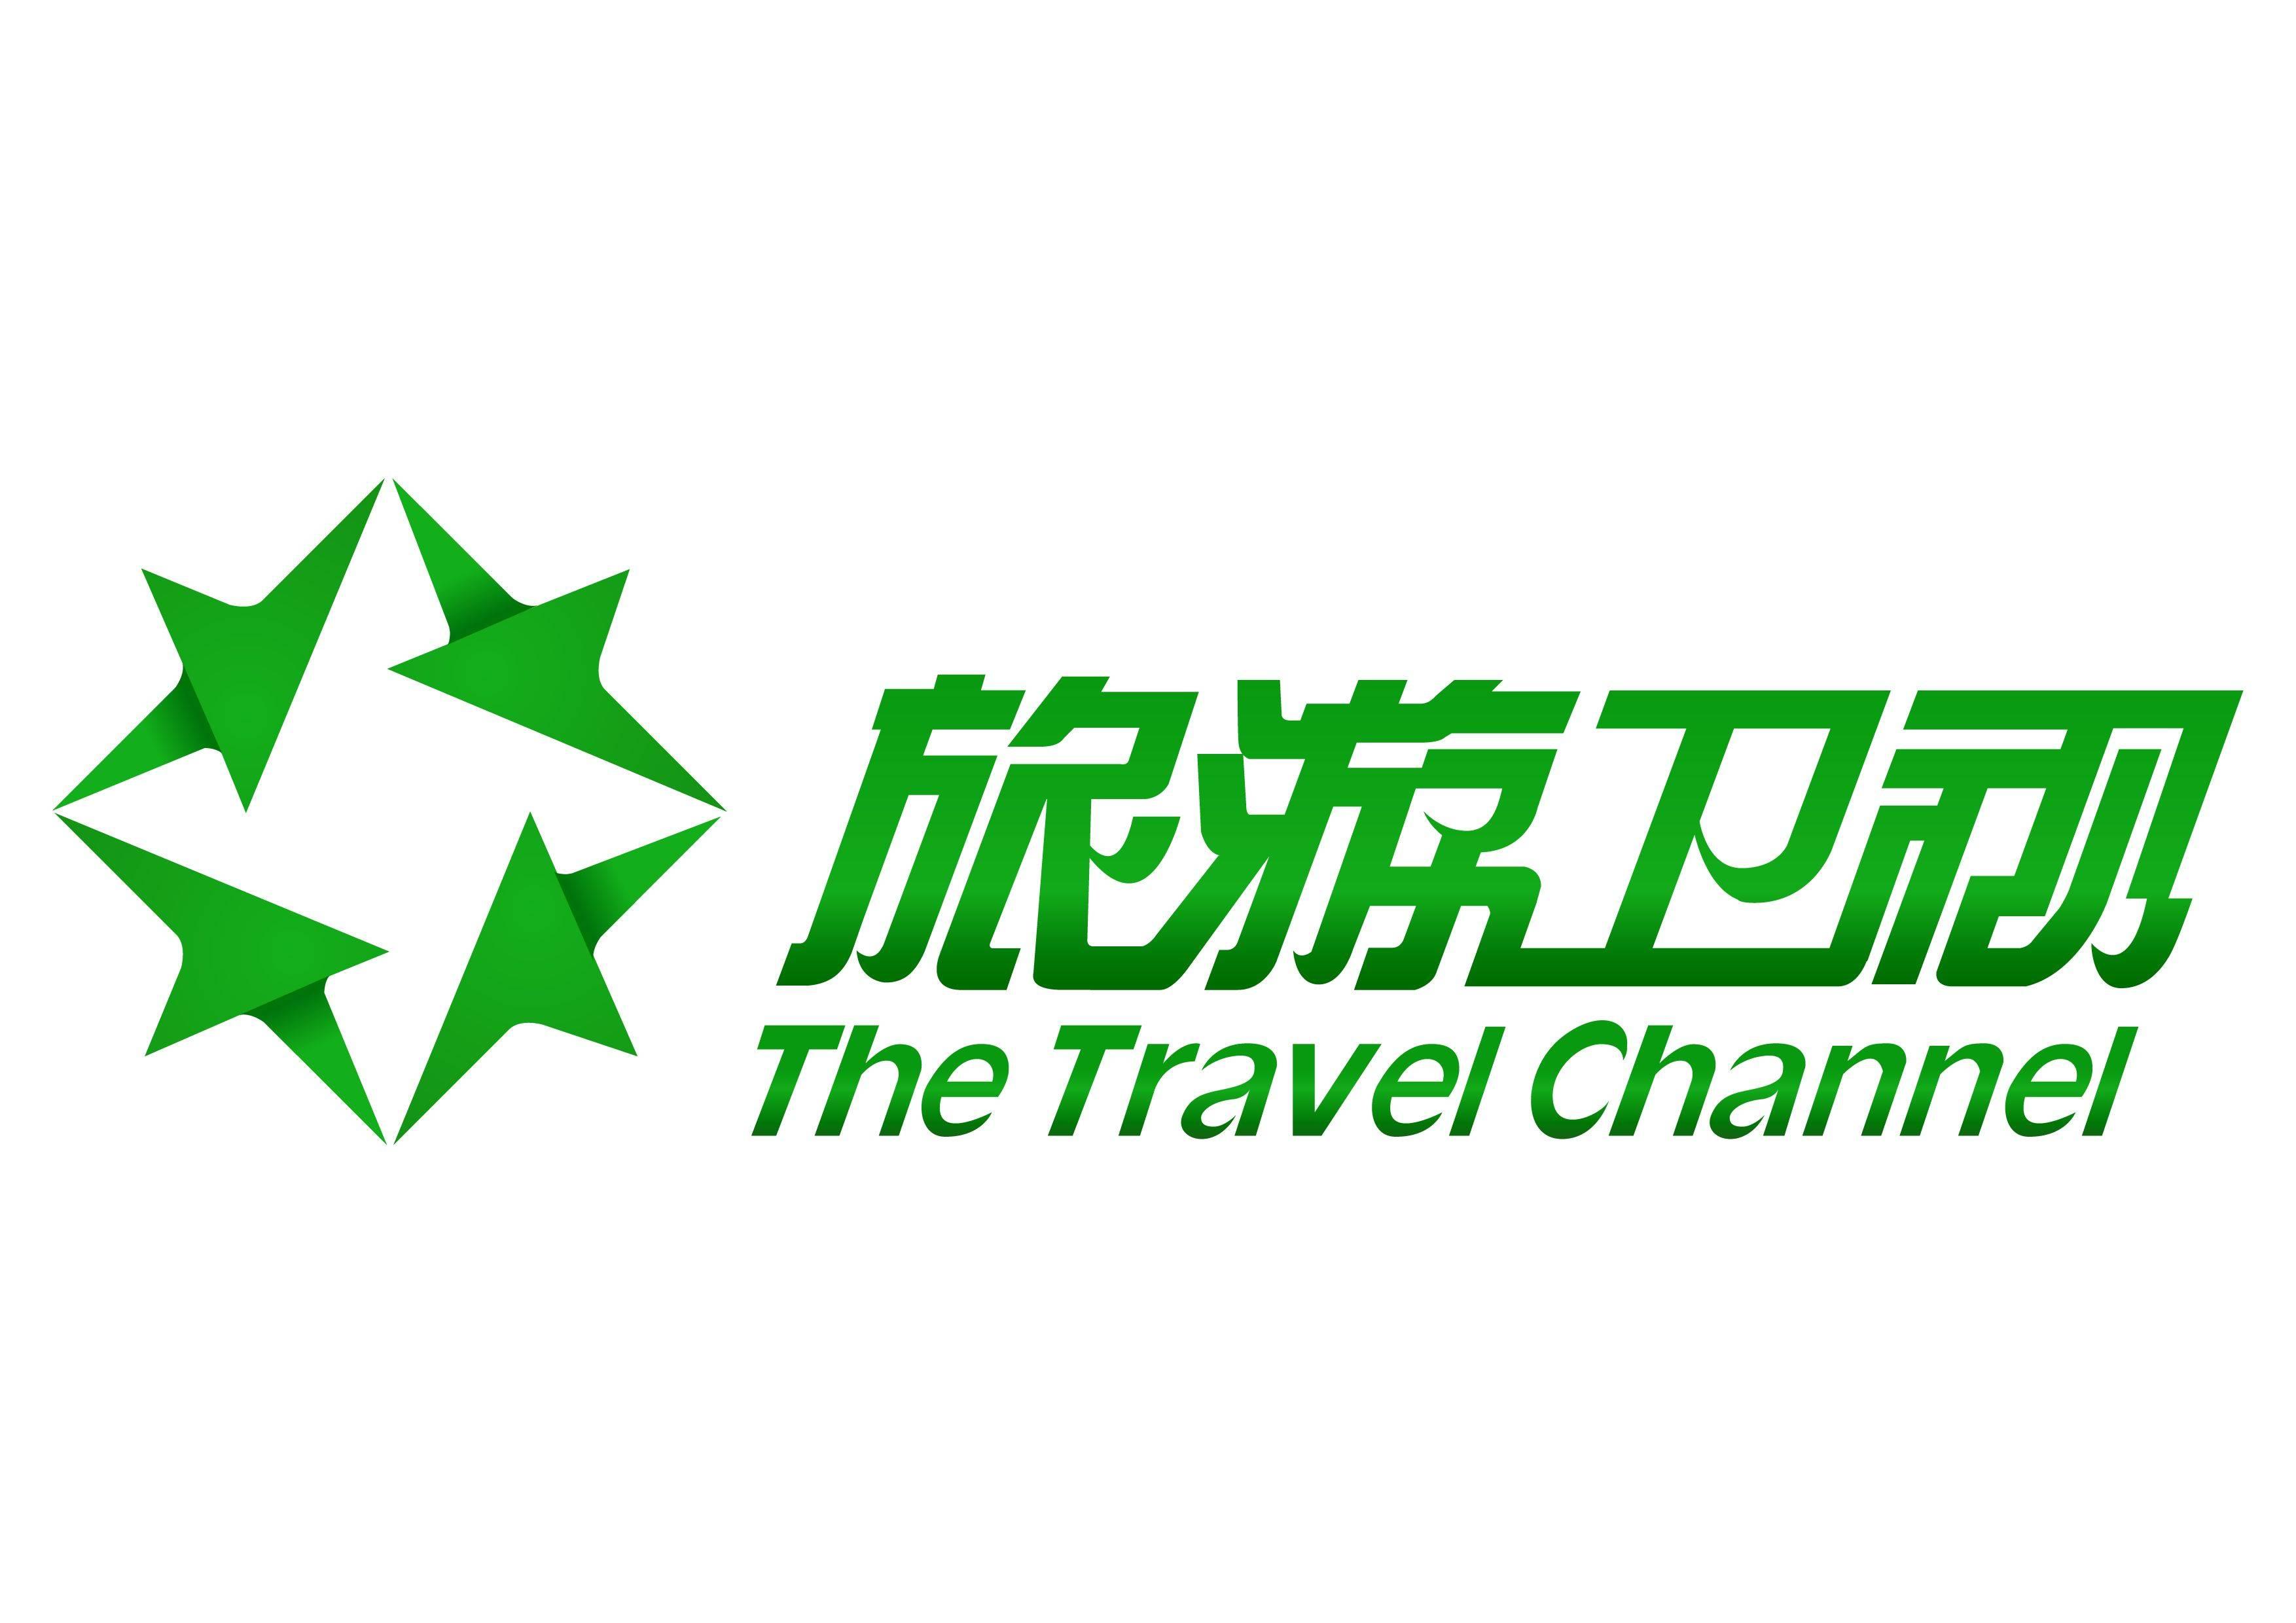 旅游卫视《文旅之声》栏目全国首档大型文旅互动类综艺节目招商 冠名赞助